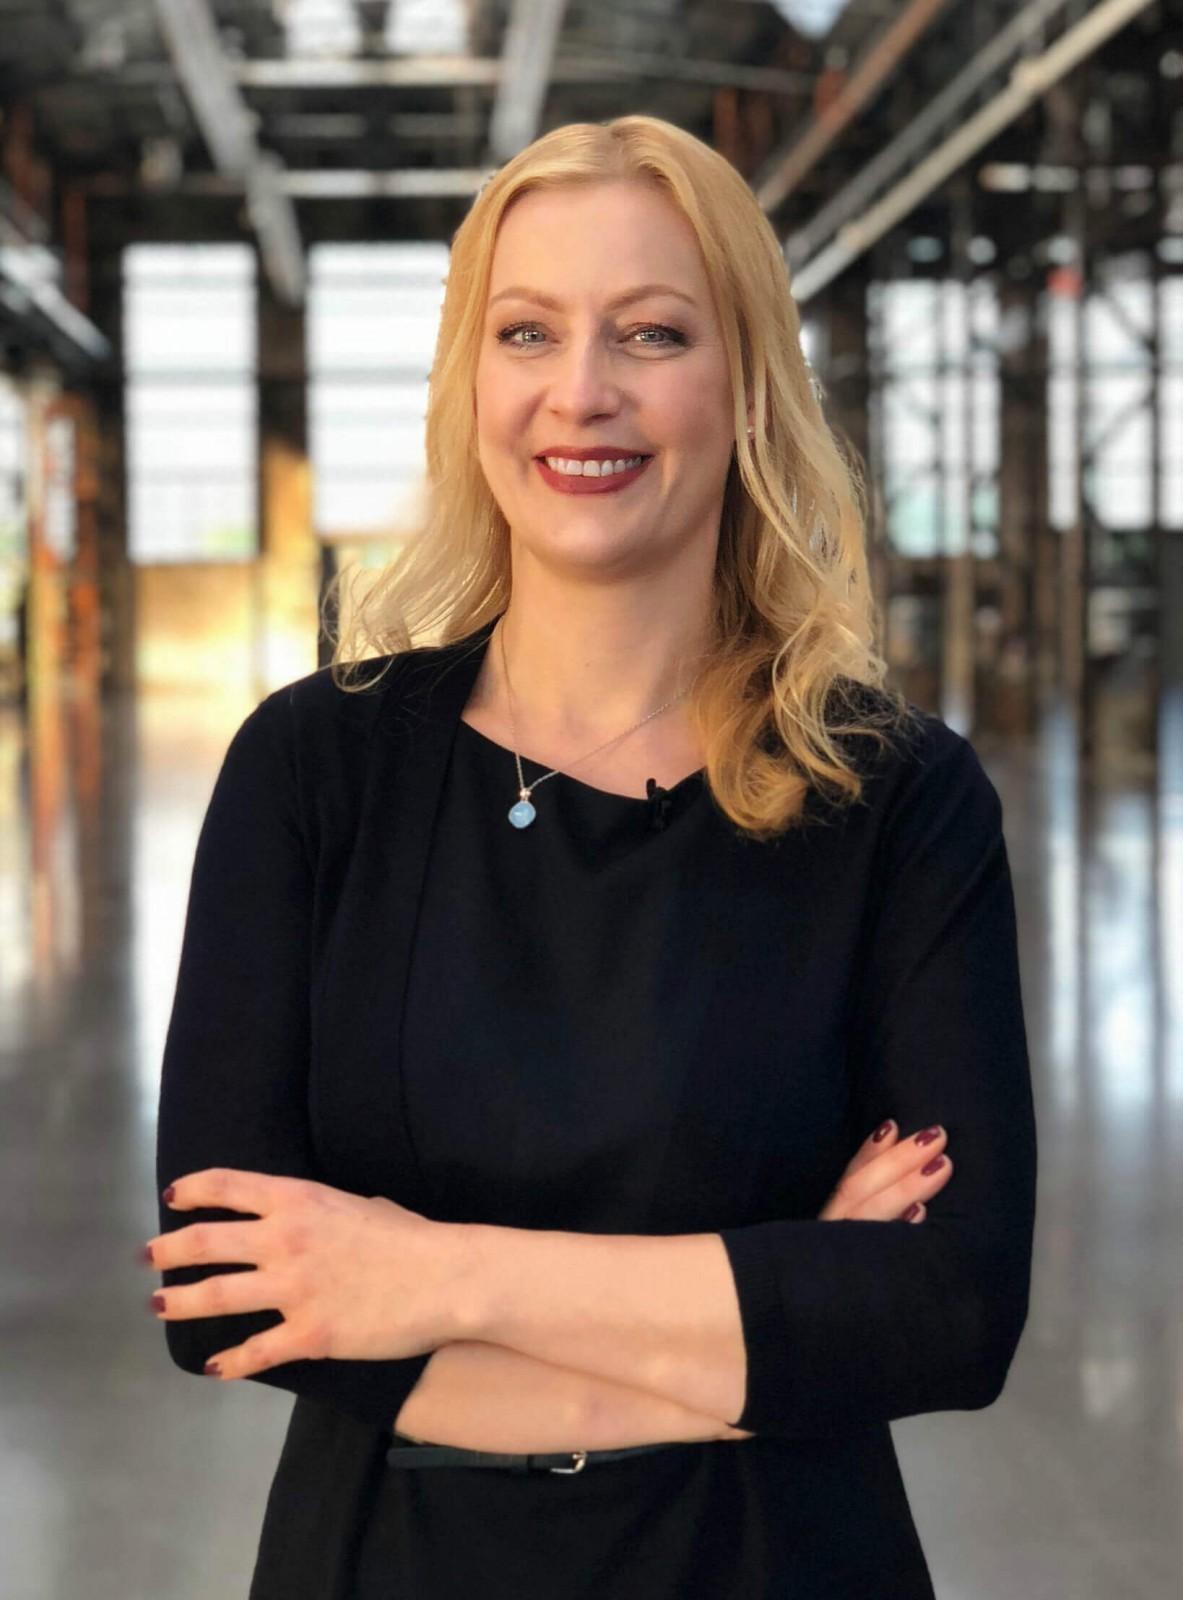 Carmen Hentschel moderiert Events zum Thema Künstliche Intelligenz